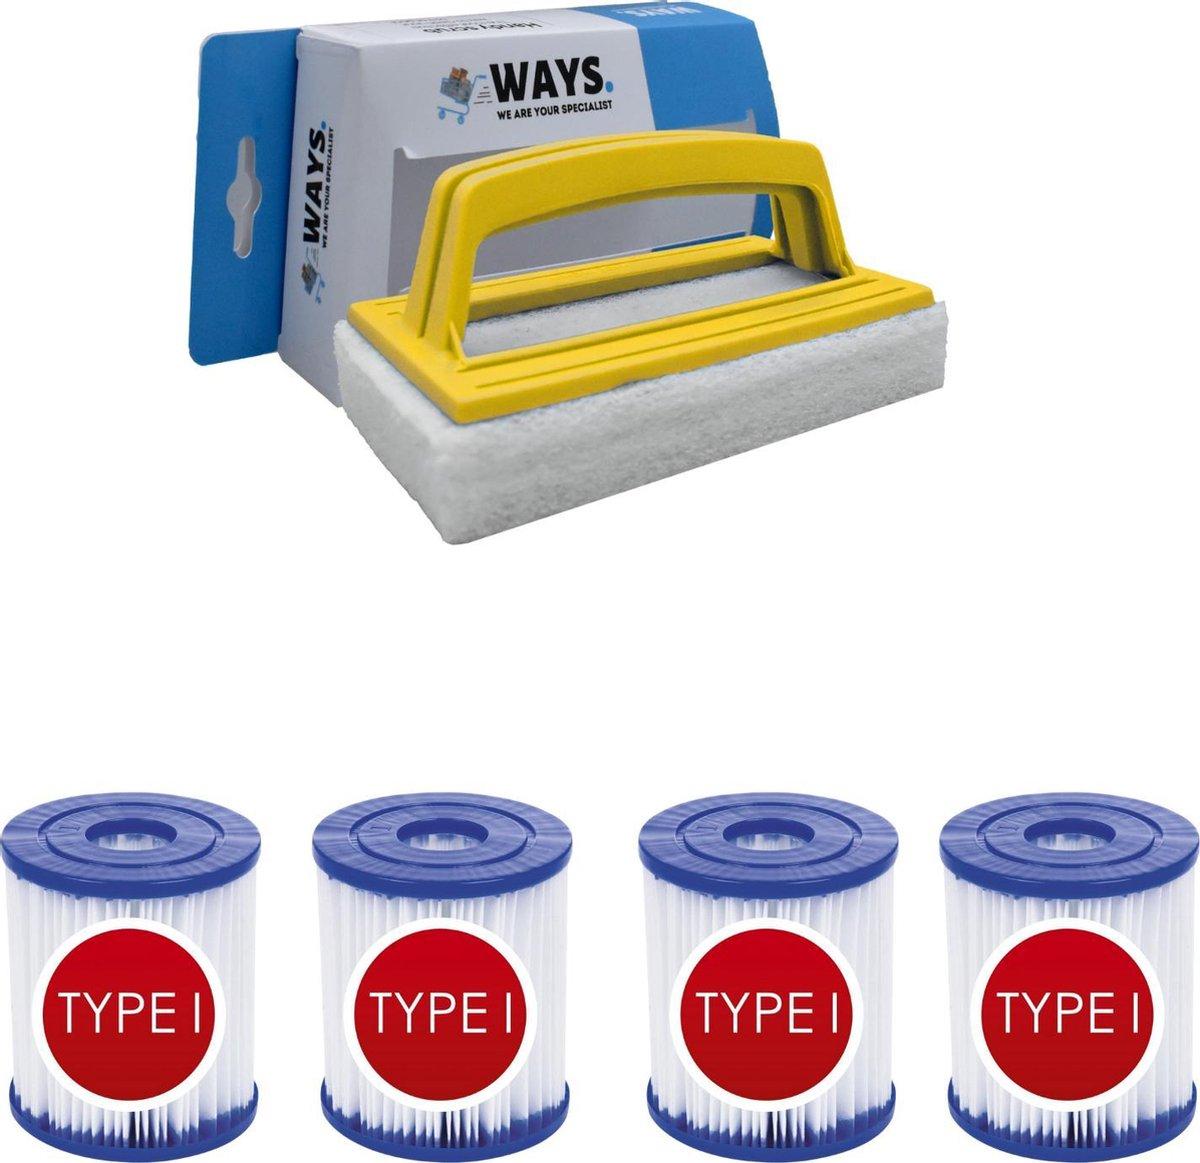 Bestway - Type I filters geschikt voor filterpomp 58381 - 4 stuks & WAYS scrubborstel